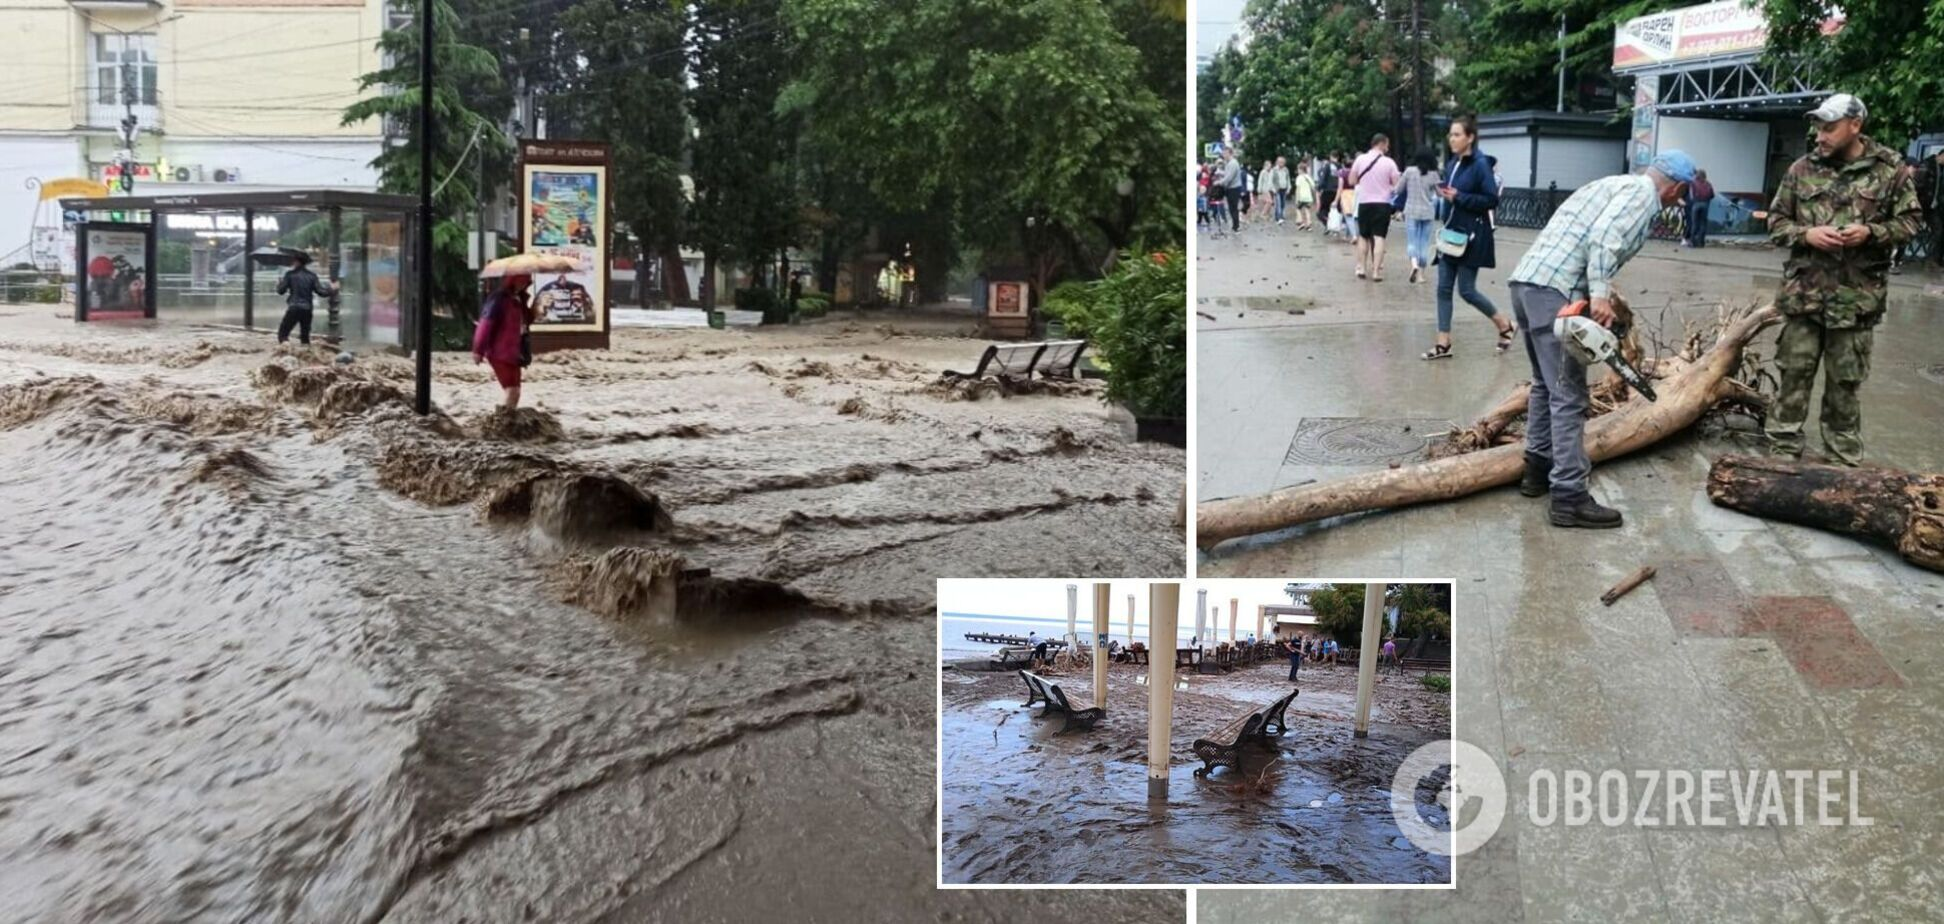 Потоп у Ялті: окупанти озвучили дані про загиблих і постраждалих. Нові фото